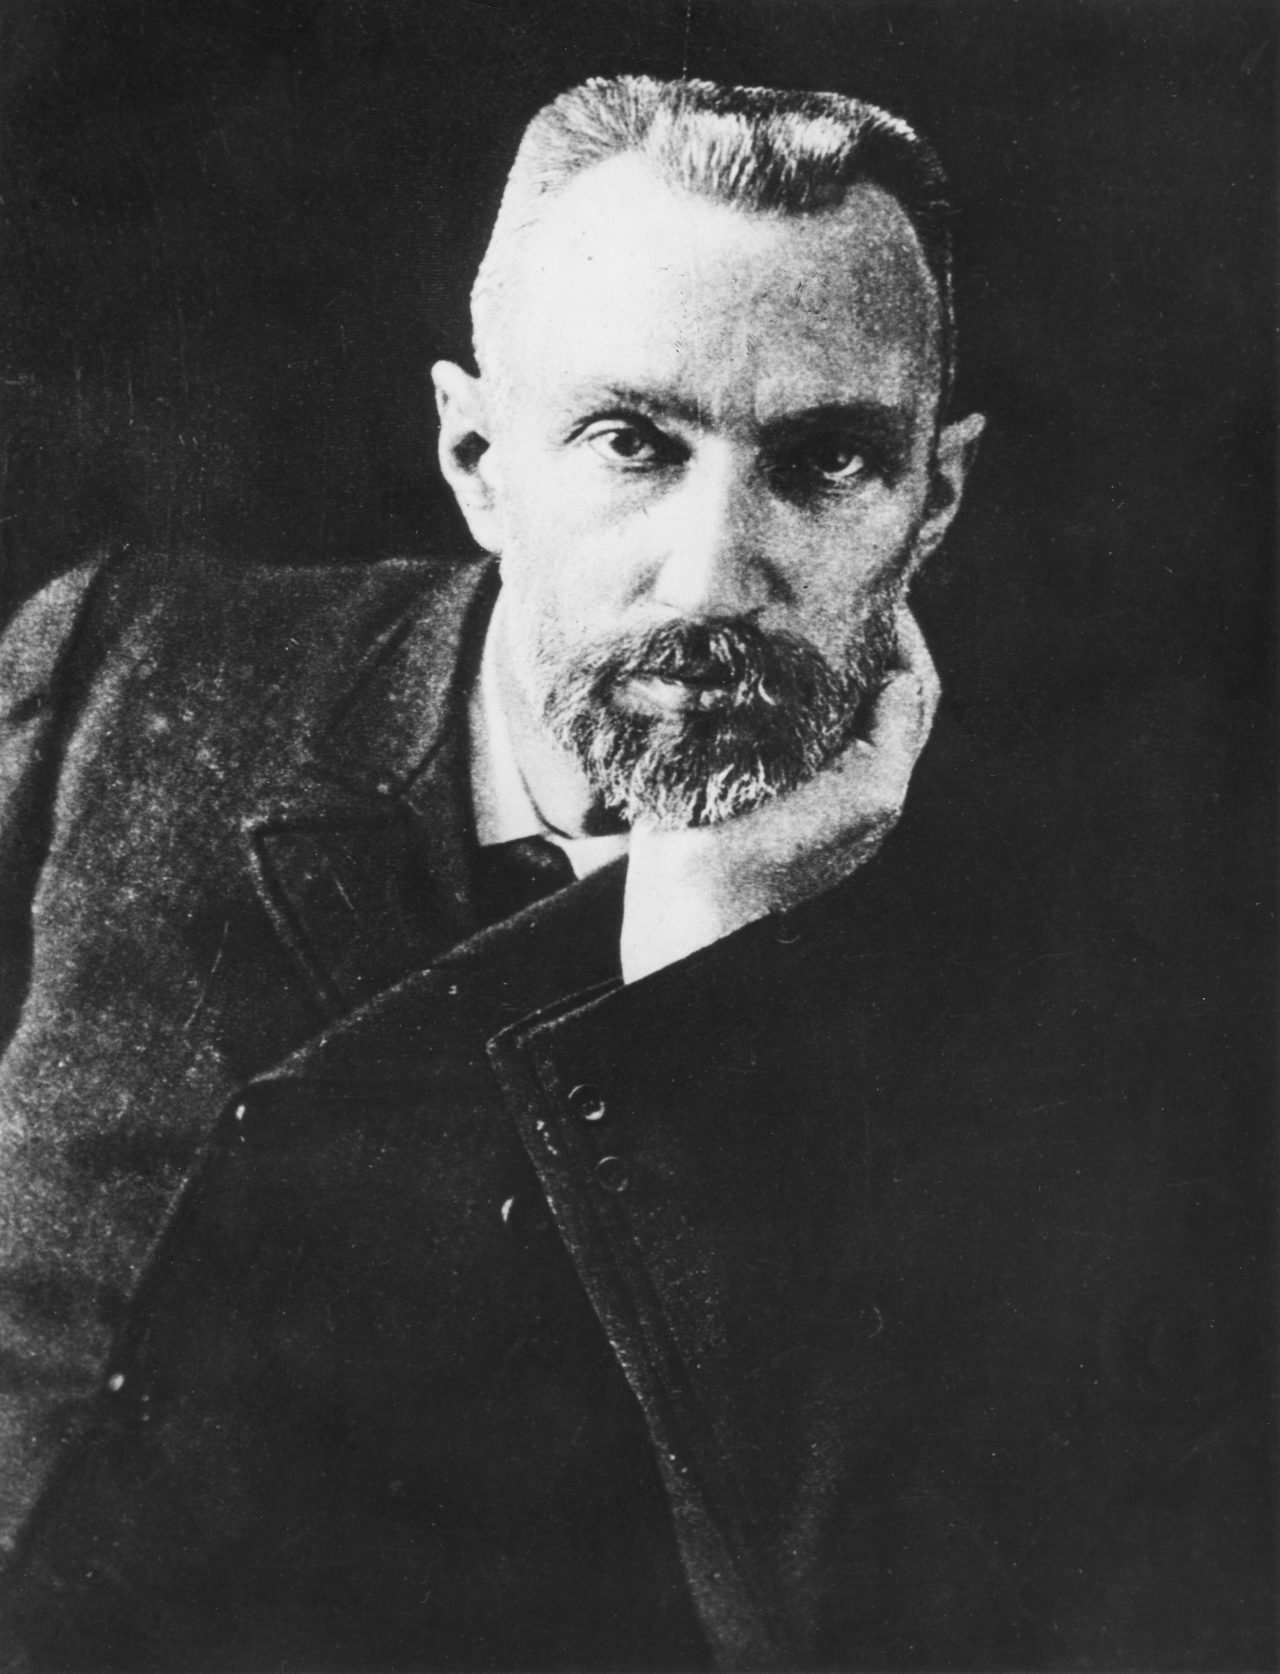 Portett av Pierre Curie